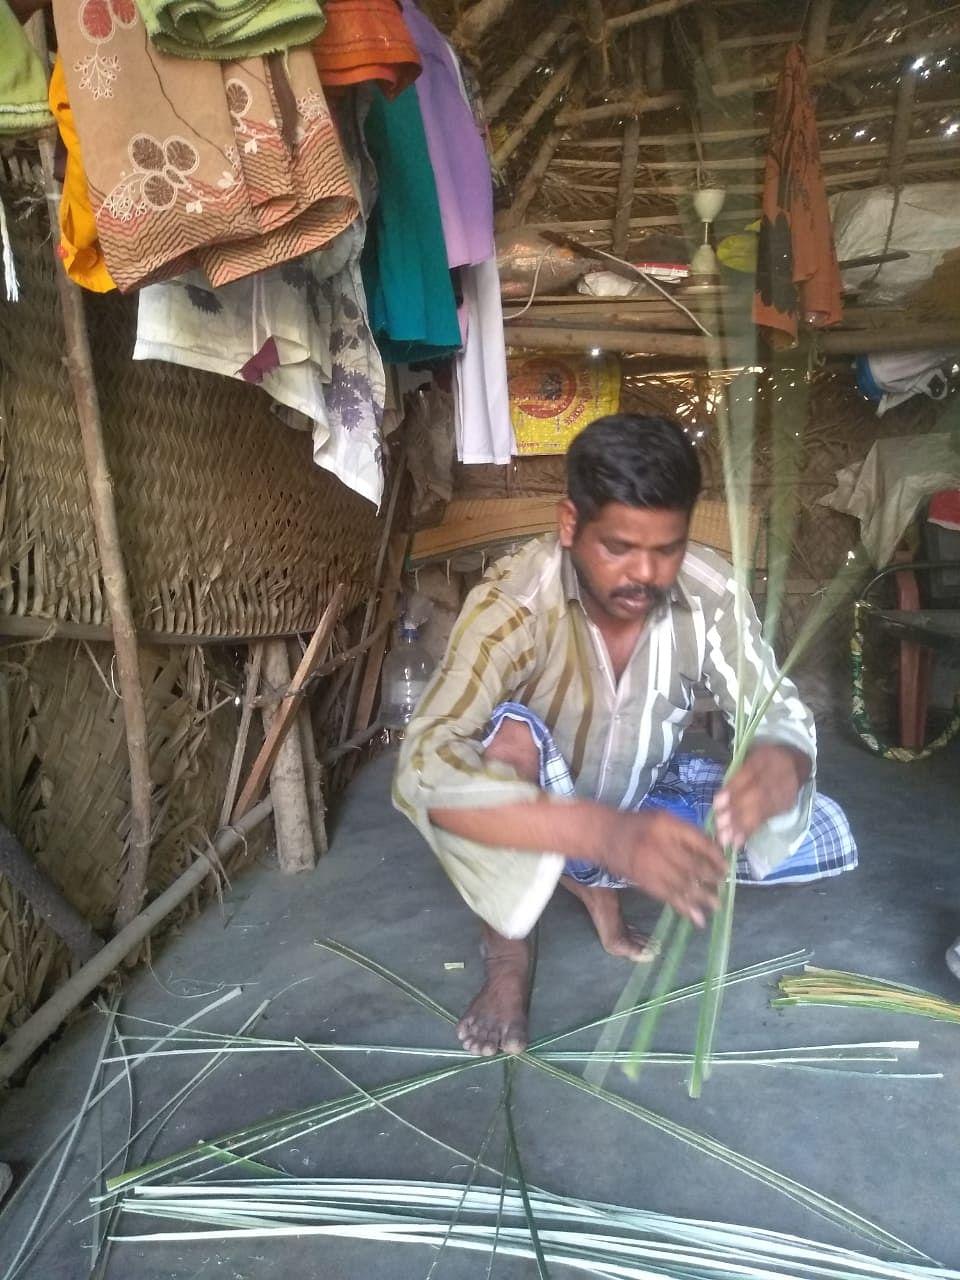 லாக்டெளனால் கூடை பின்னும் தொழிலாளியாக மாறிய வக்கீல்